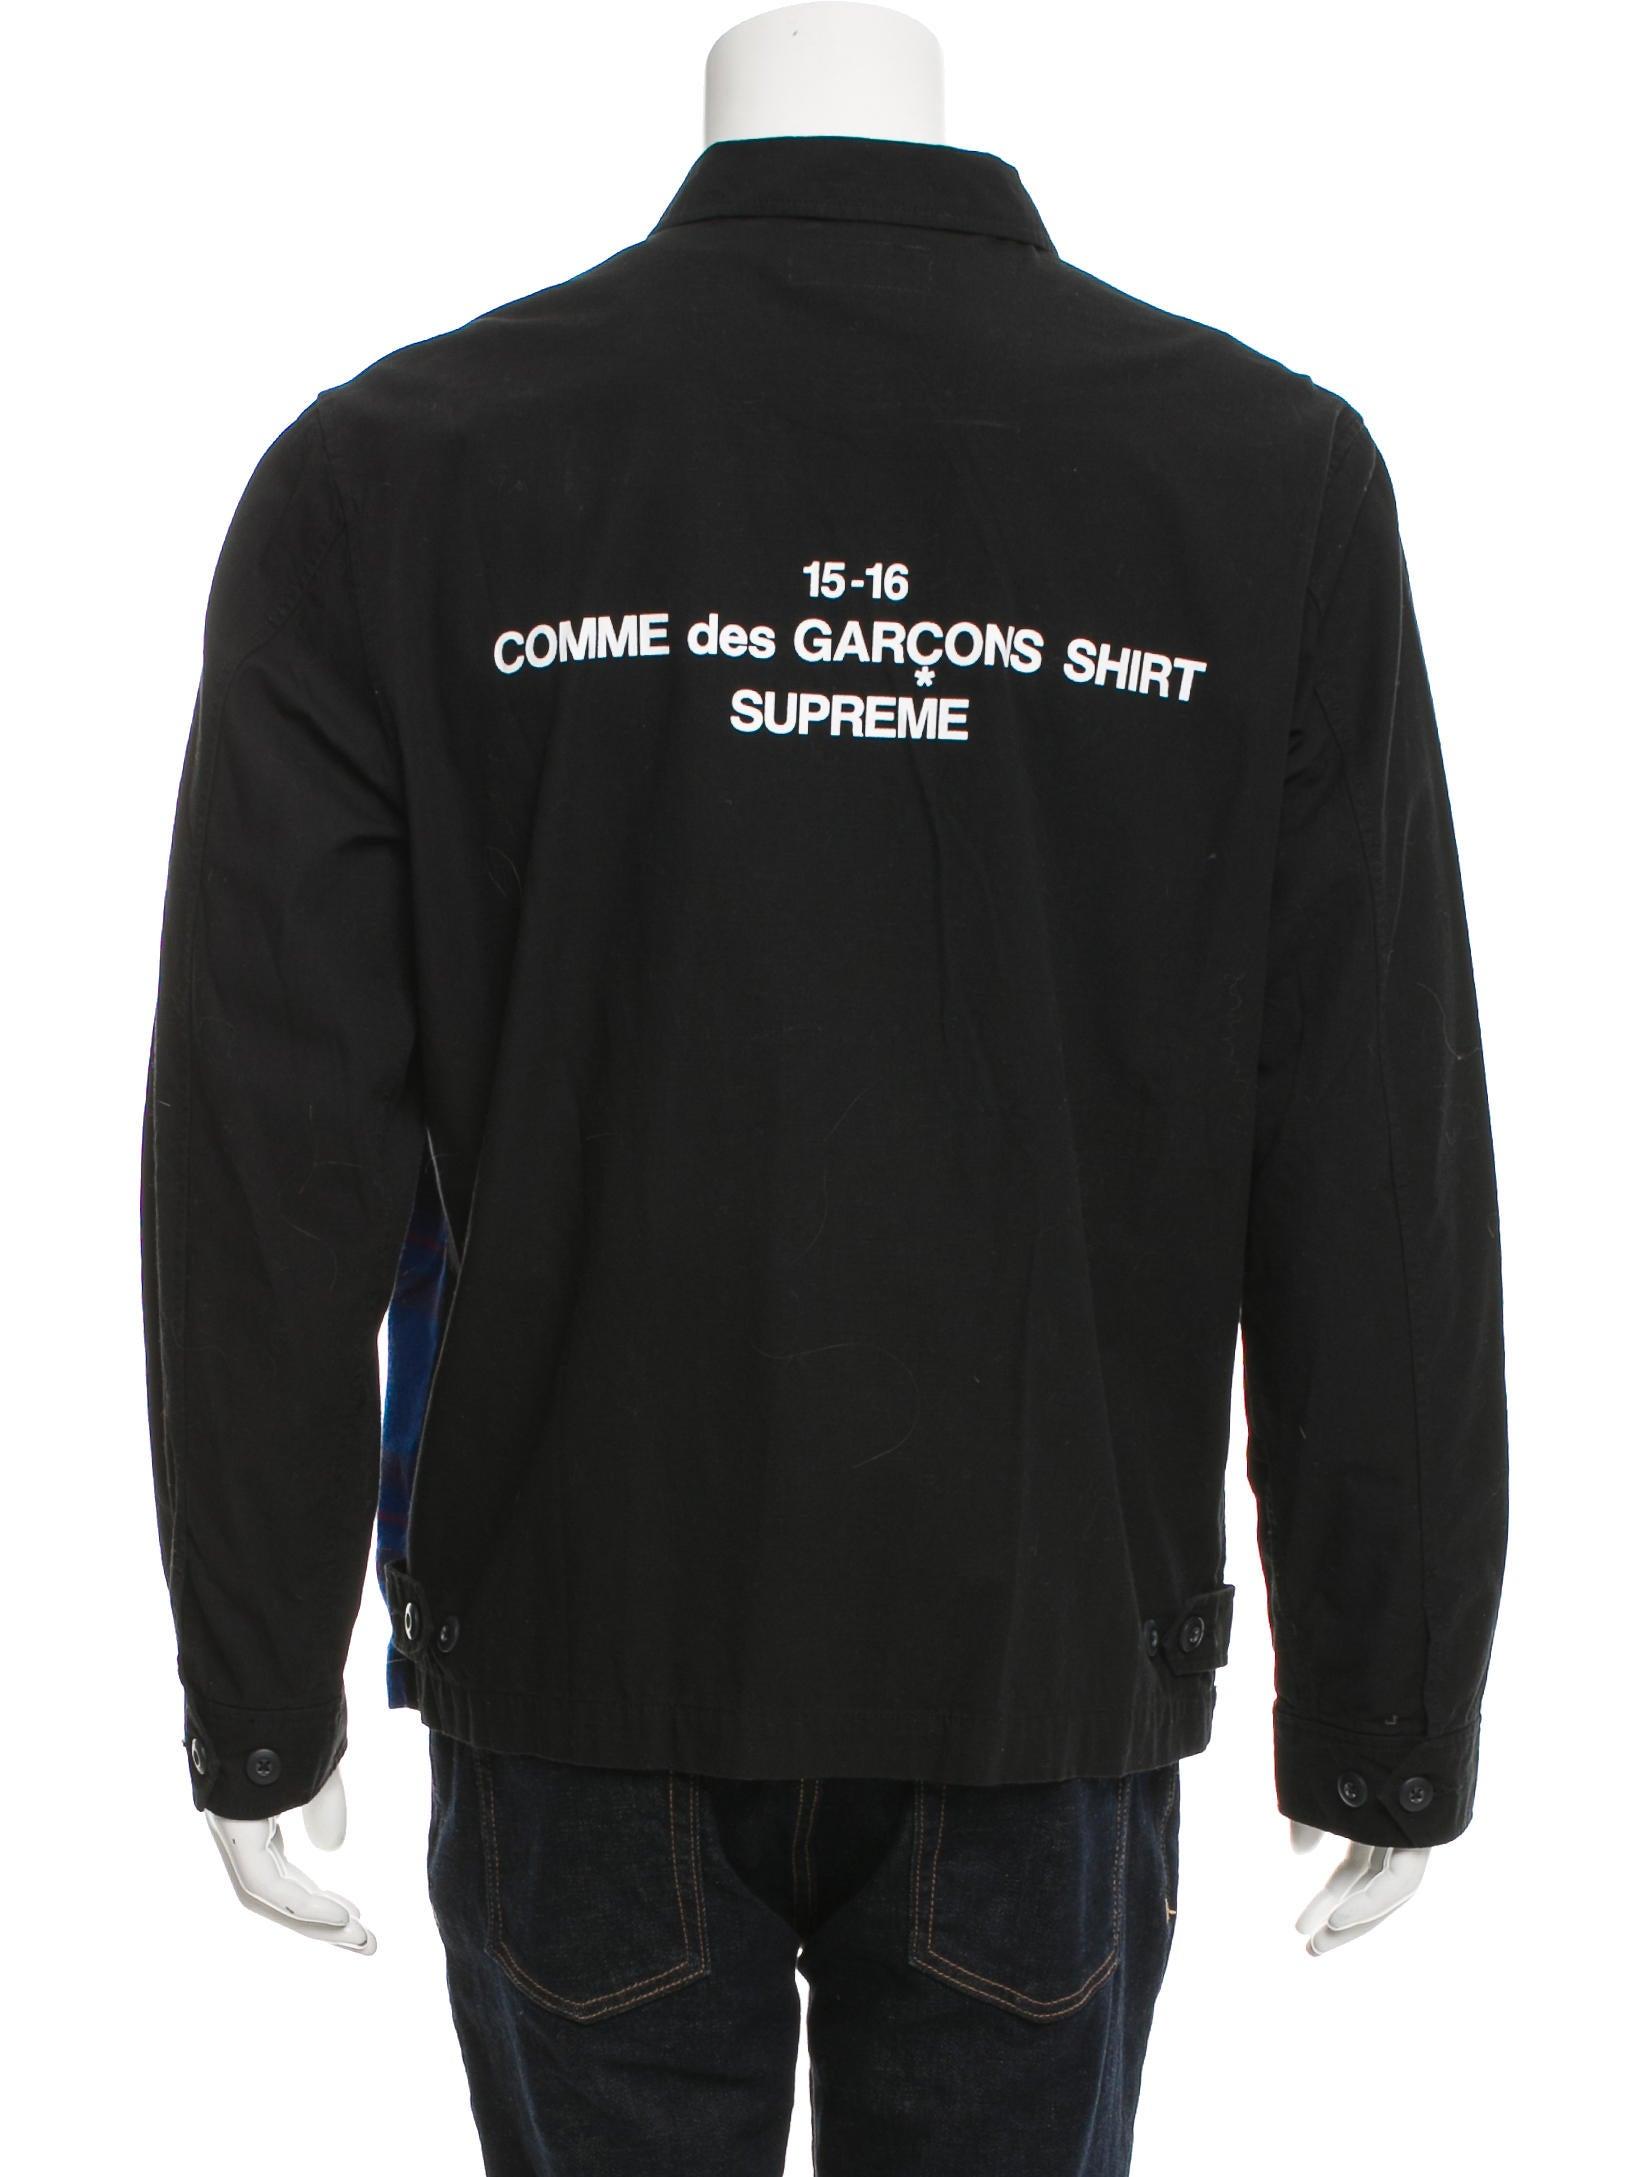 comme des gar ons x supreme 2015 shirt jacket clothing. Black Bedroom Furniture Sets. Home Design Ideas